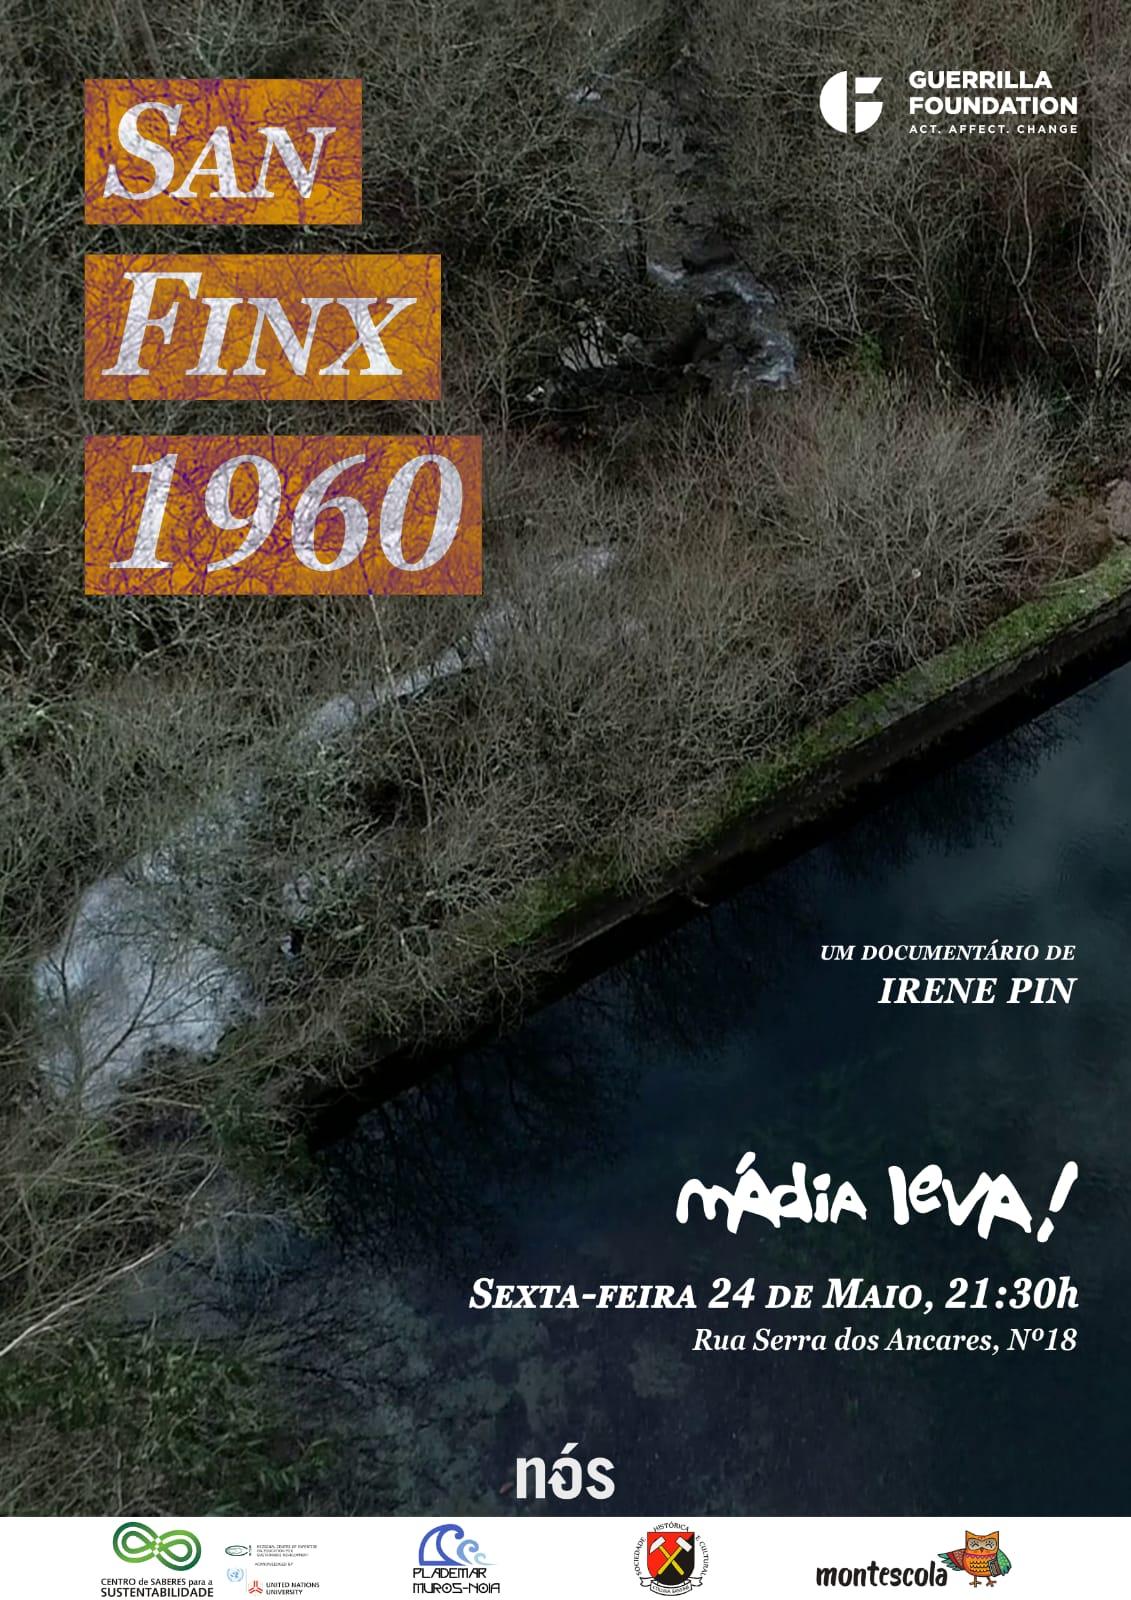 531f51c71 Uma represa de decantação de resíduos das minas de San Finx rebenta